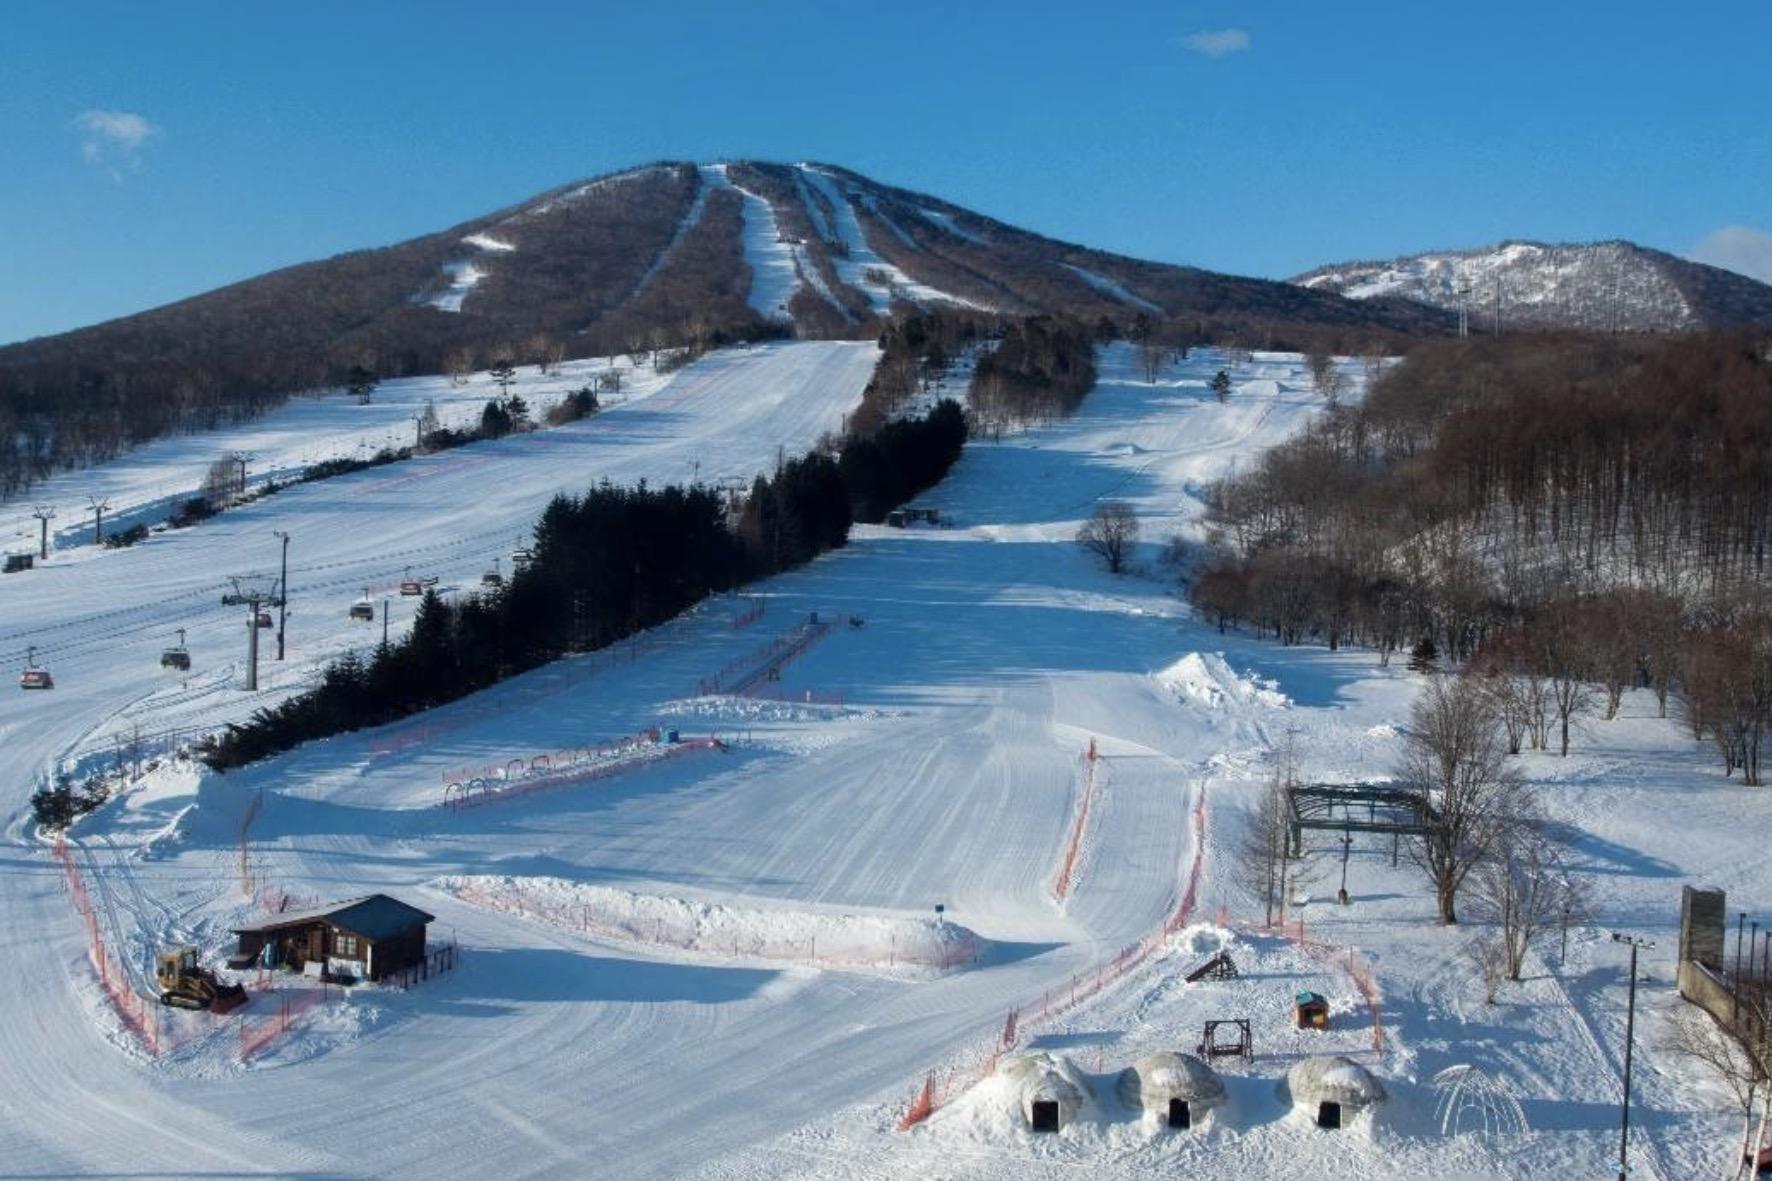 日本旅行vlog,三月的日本这里才是最好的滑雪地